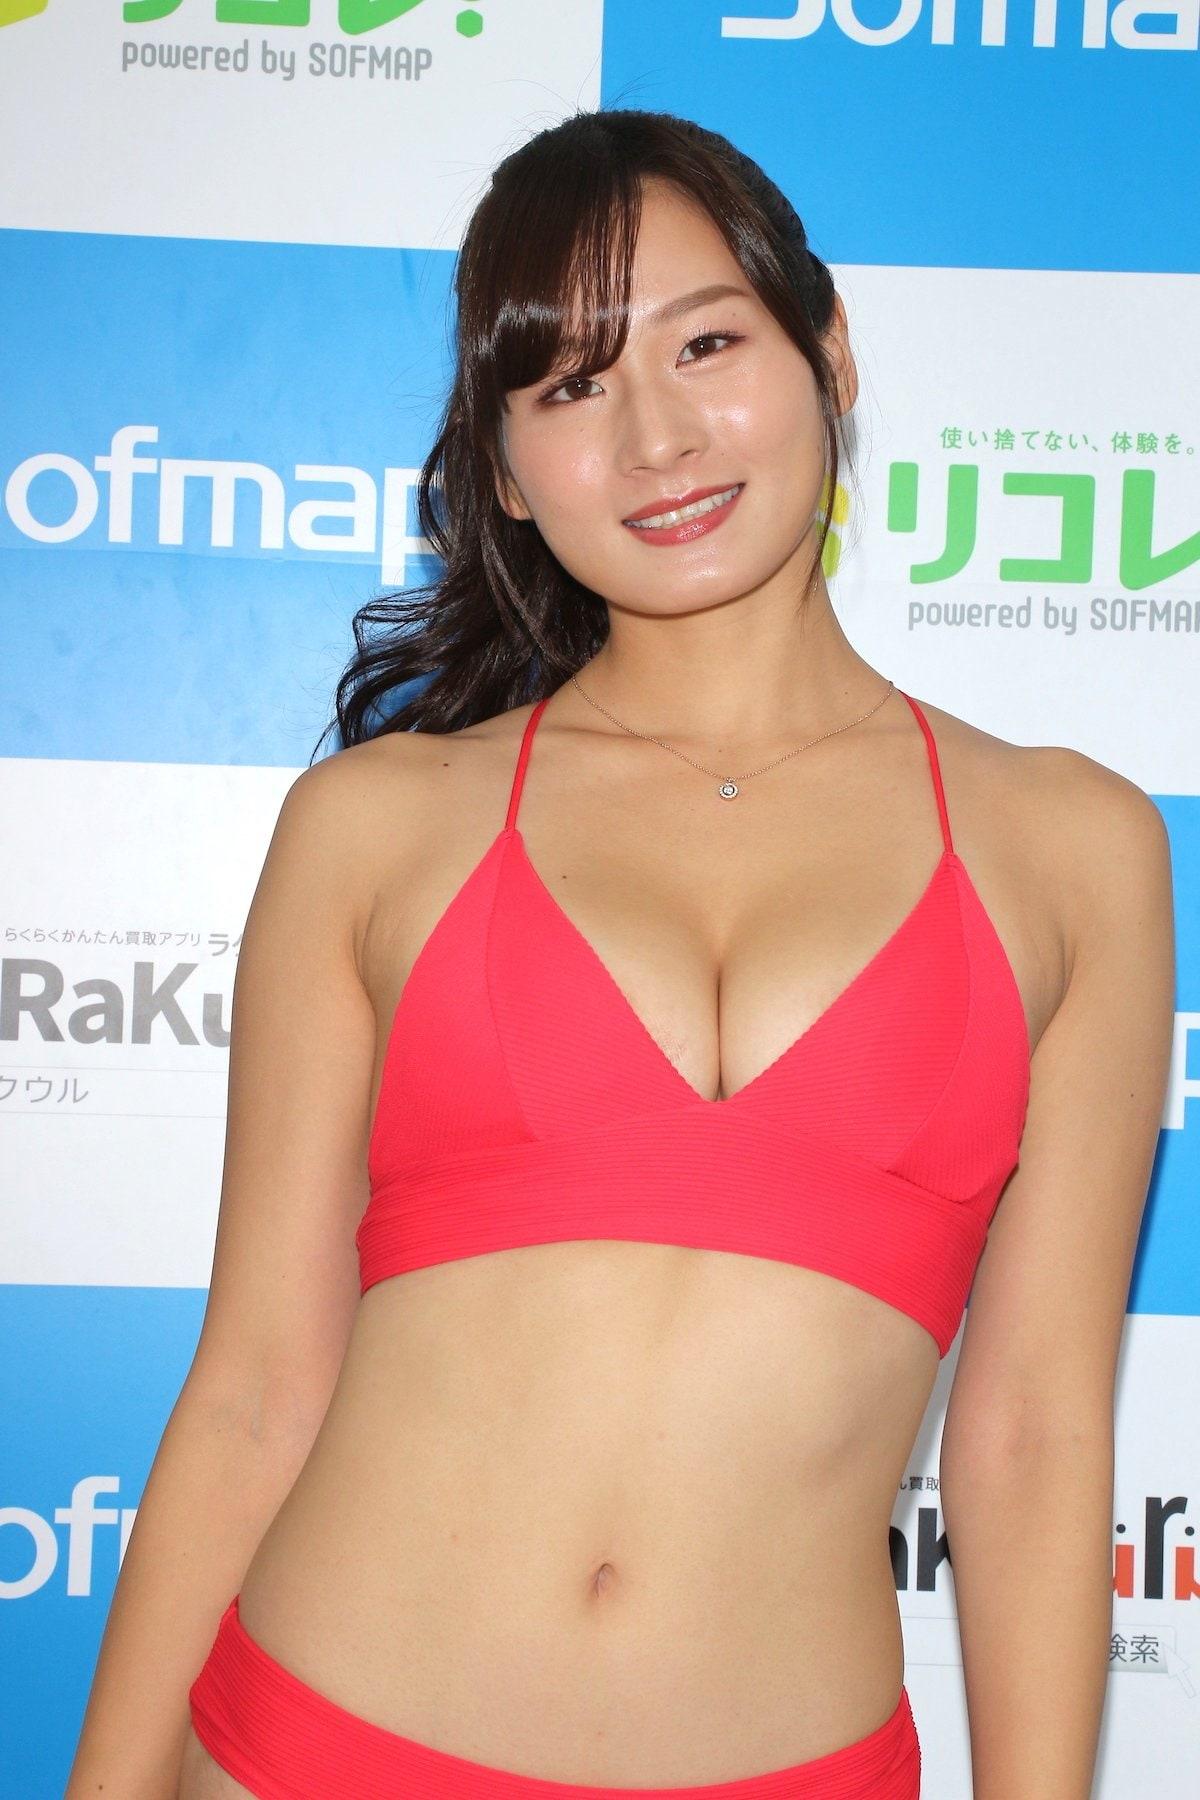 清瀬汐希「本当に何も着てない」お風呂のシーンは露出度満点!【画像62枚】の画像018